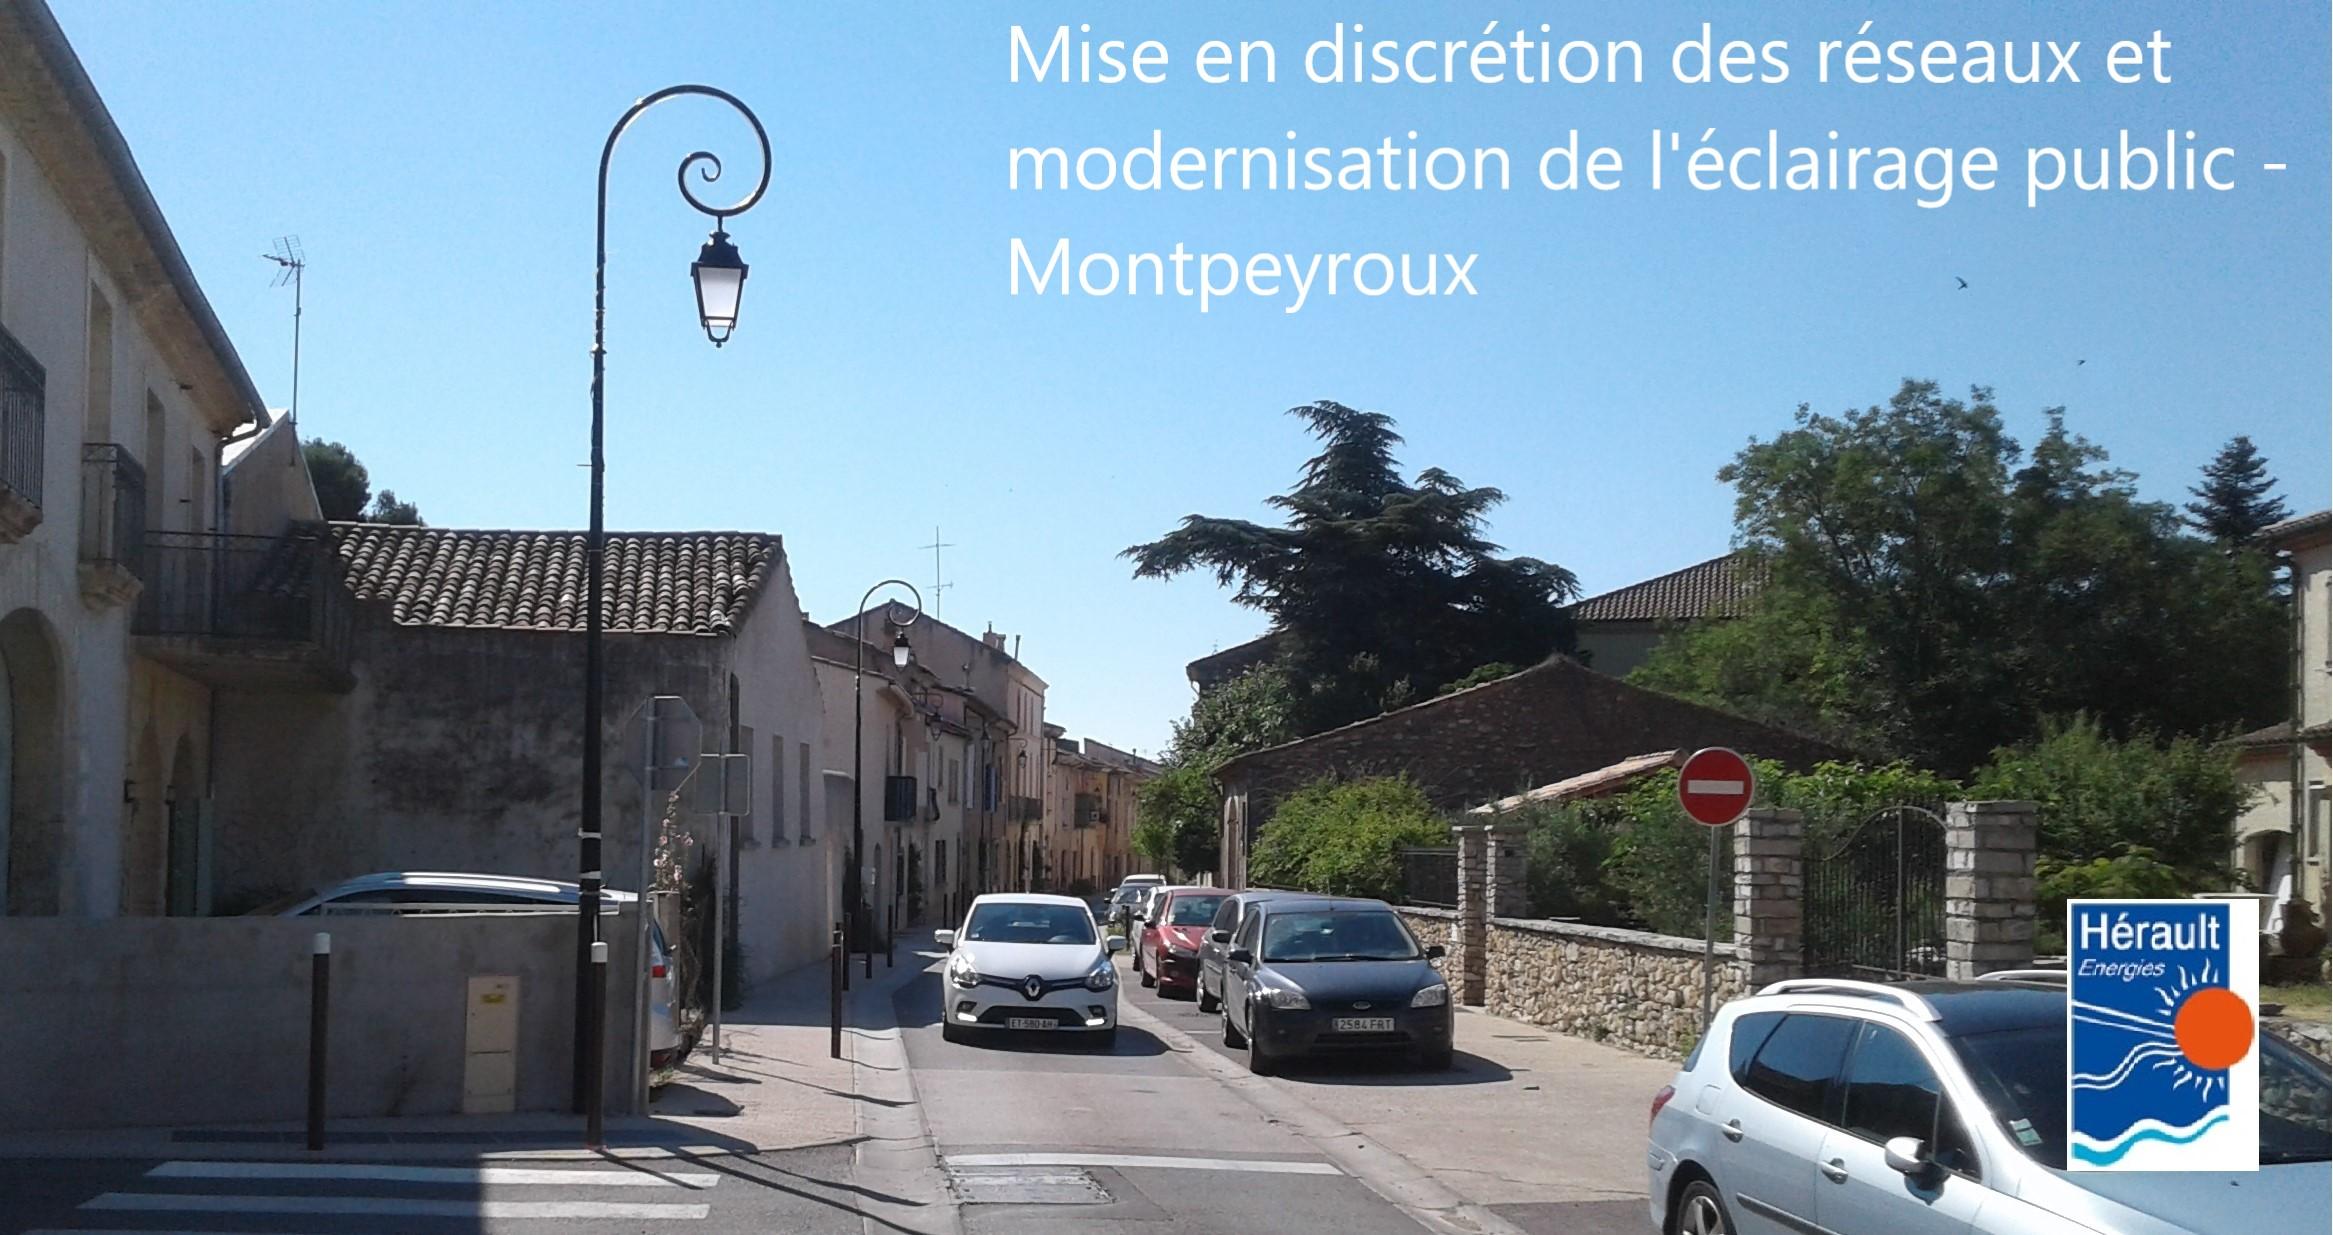 realisation reseaux eclairage public montpeyroux